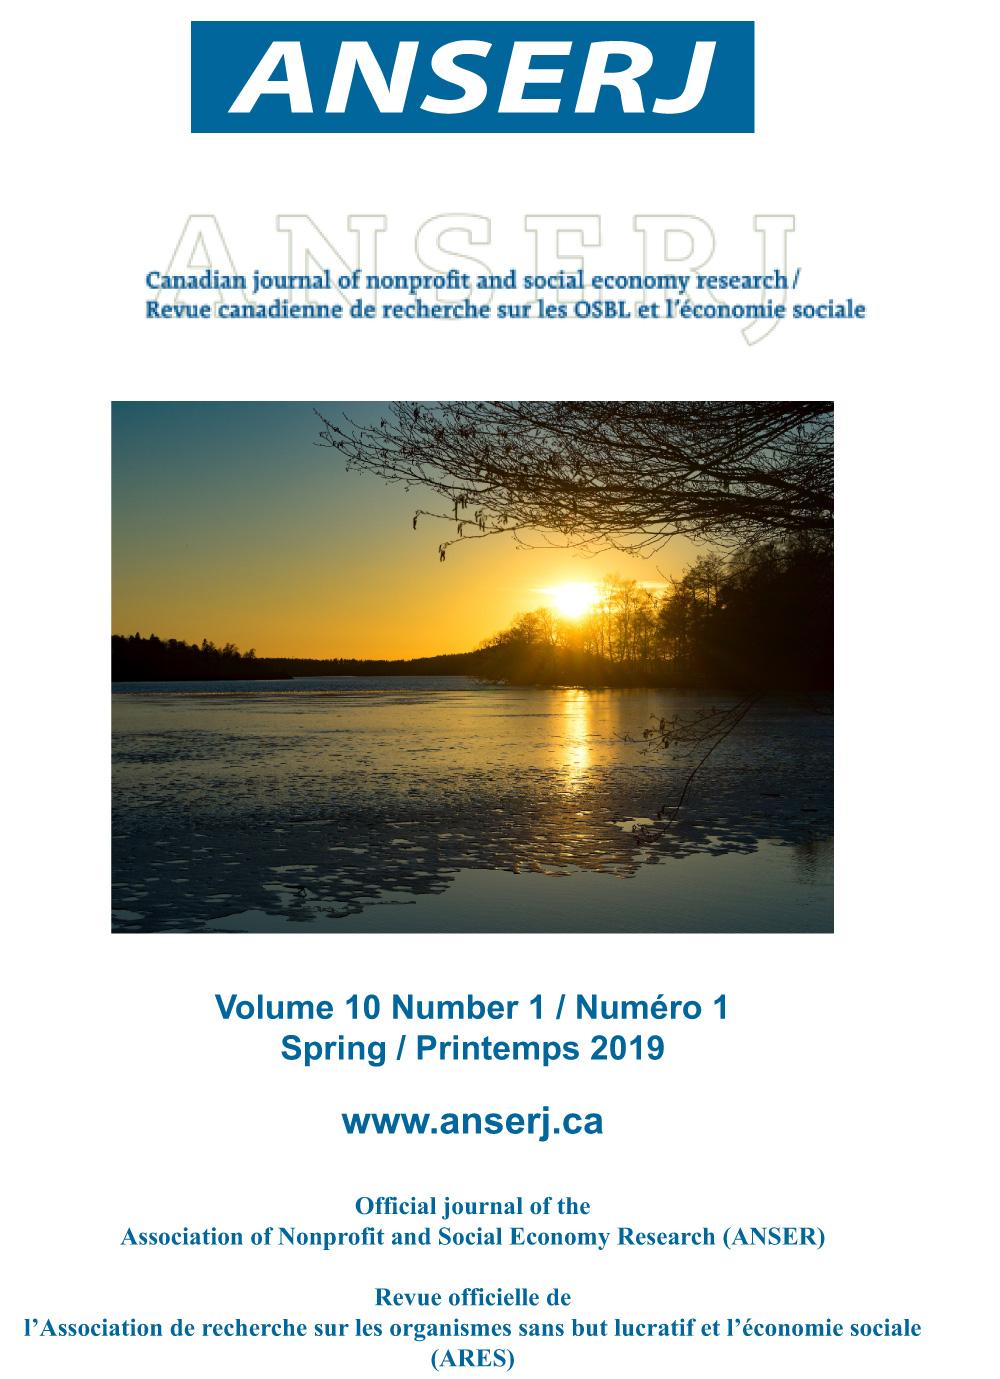 View Vol. 10 No. 1 (2019): Stability Amidst Change / La stabilité face au changement